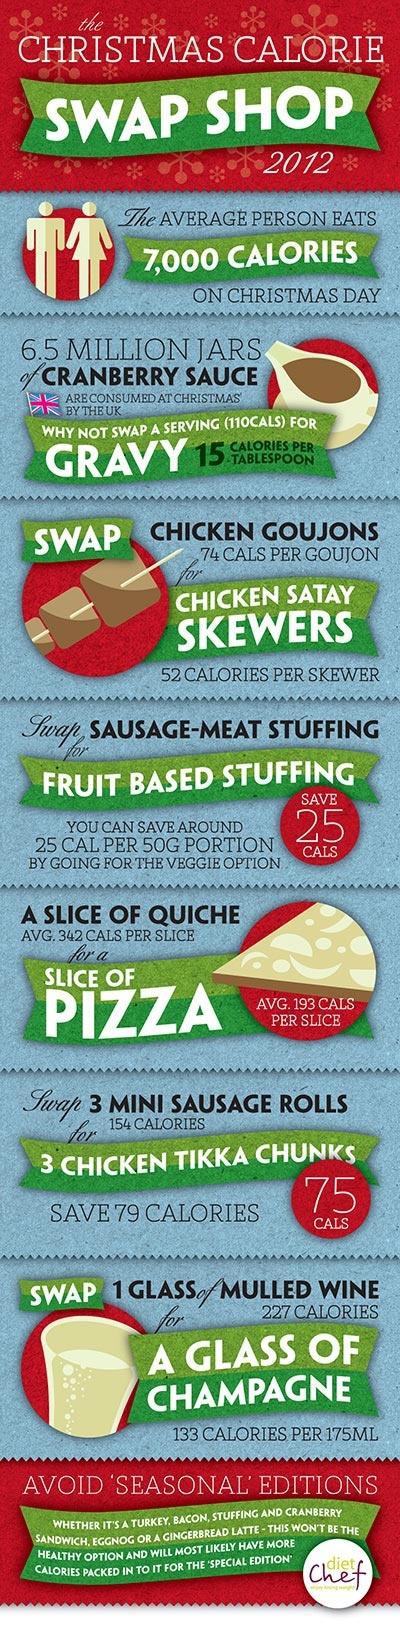 Diet Chef - Christmas Calorie Swap Shop